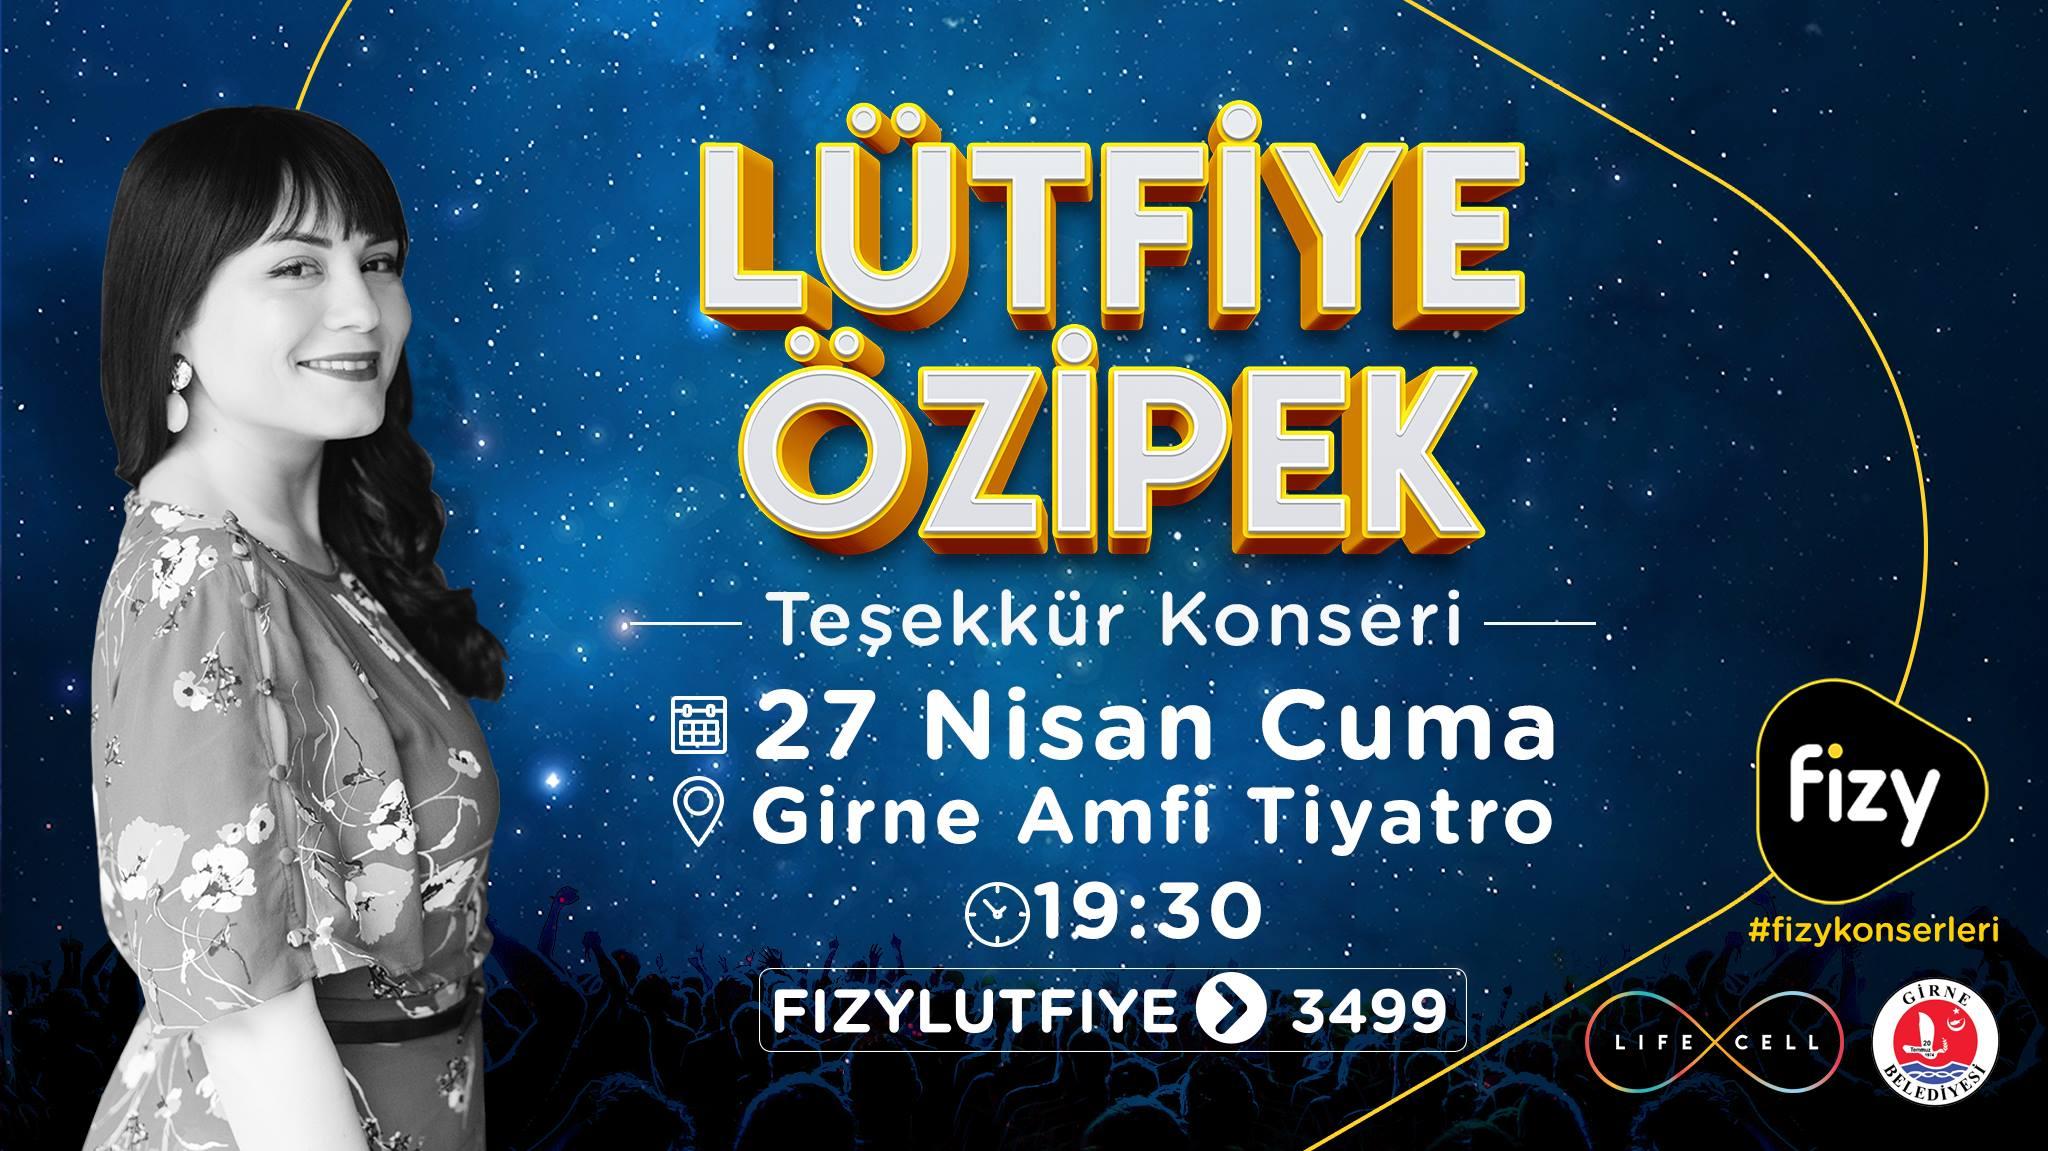 Концерт певицы Lütfiye Özipek